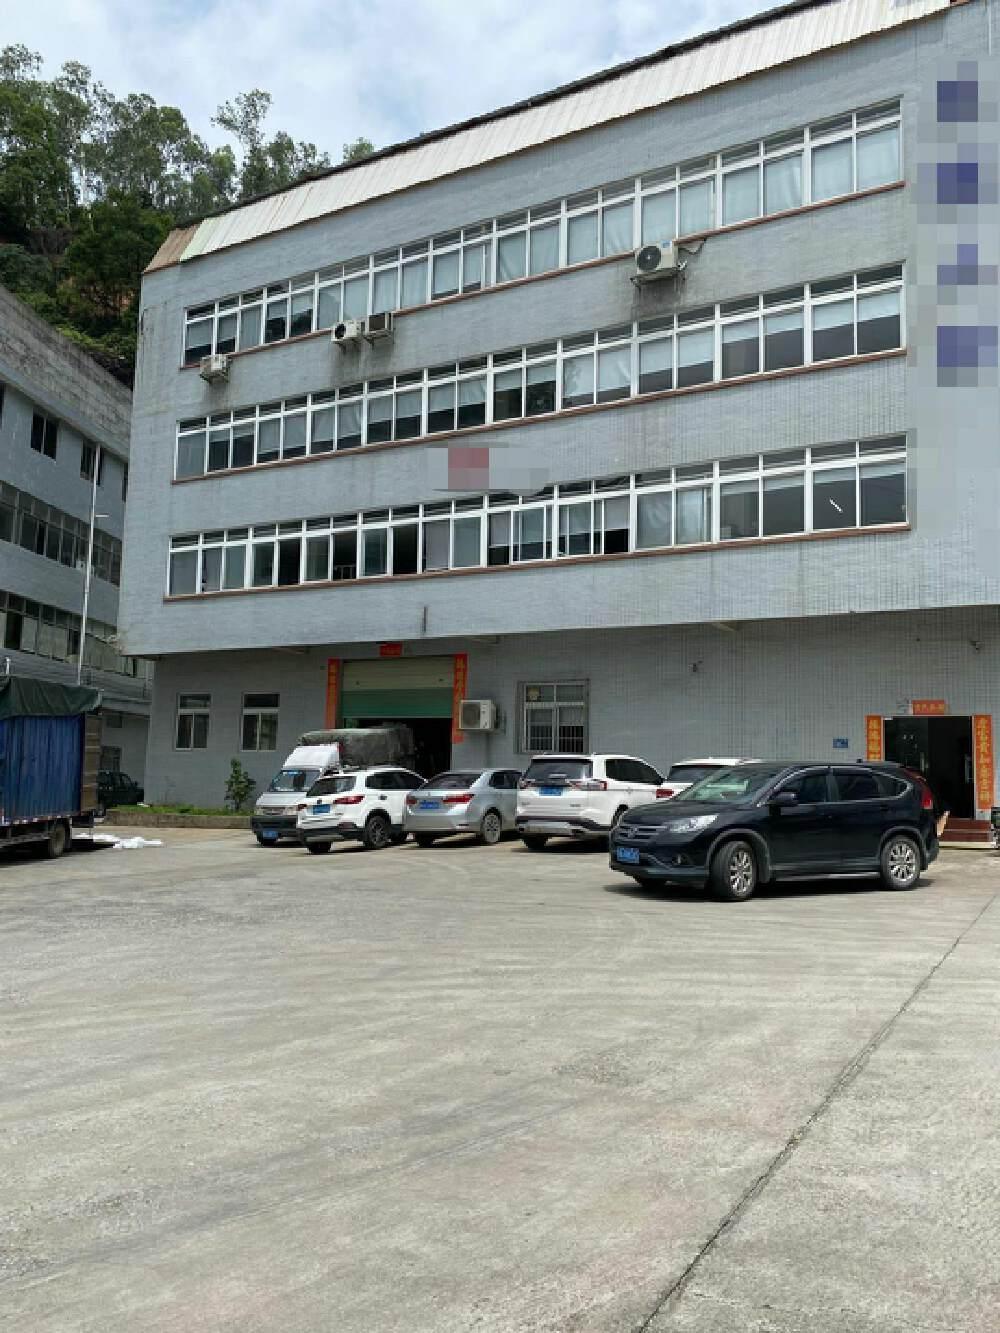 广州天河智慧城工业园一楼720平标准厂房出租有精装修办公室